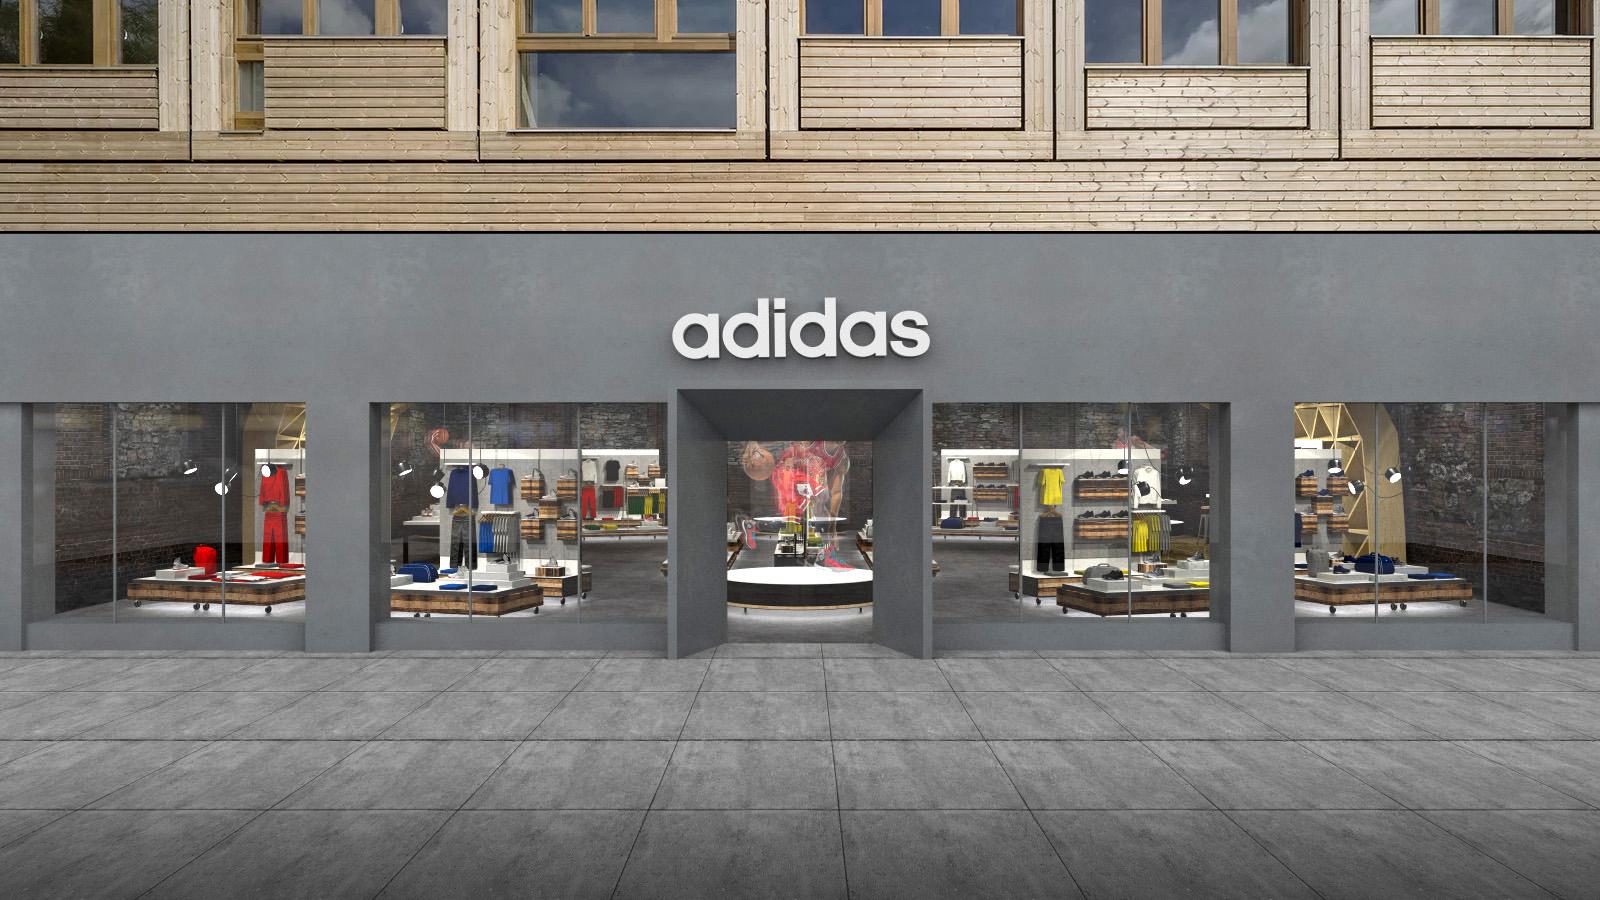 Ryan_Bubion_Adidas_Retail_Design_02